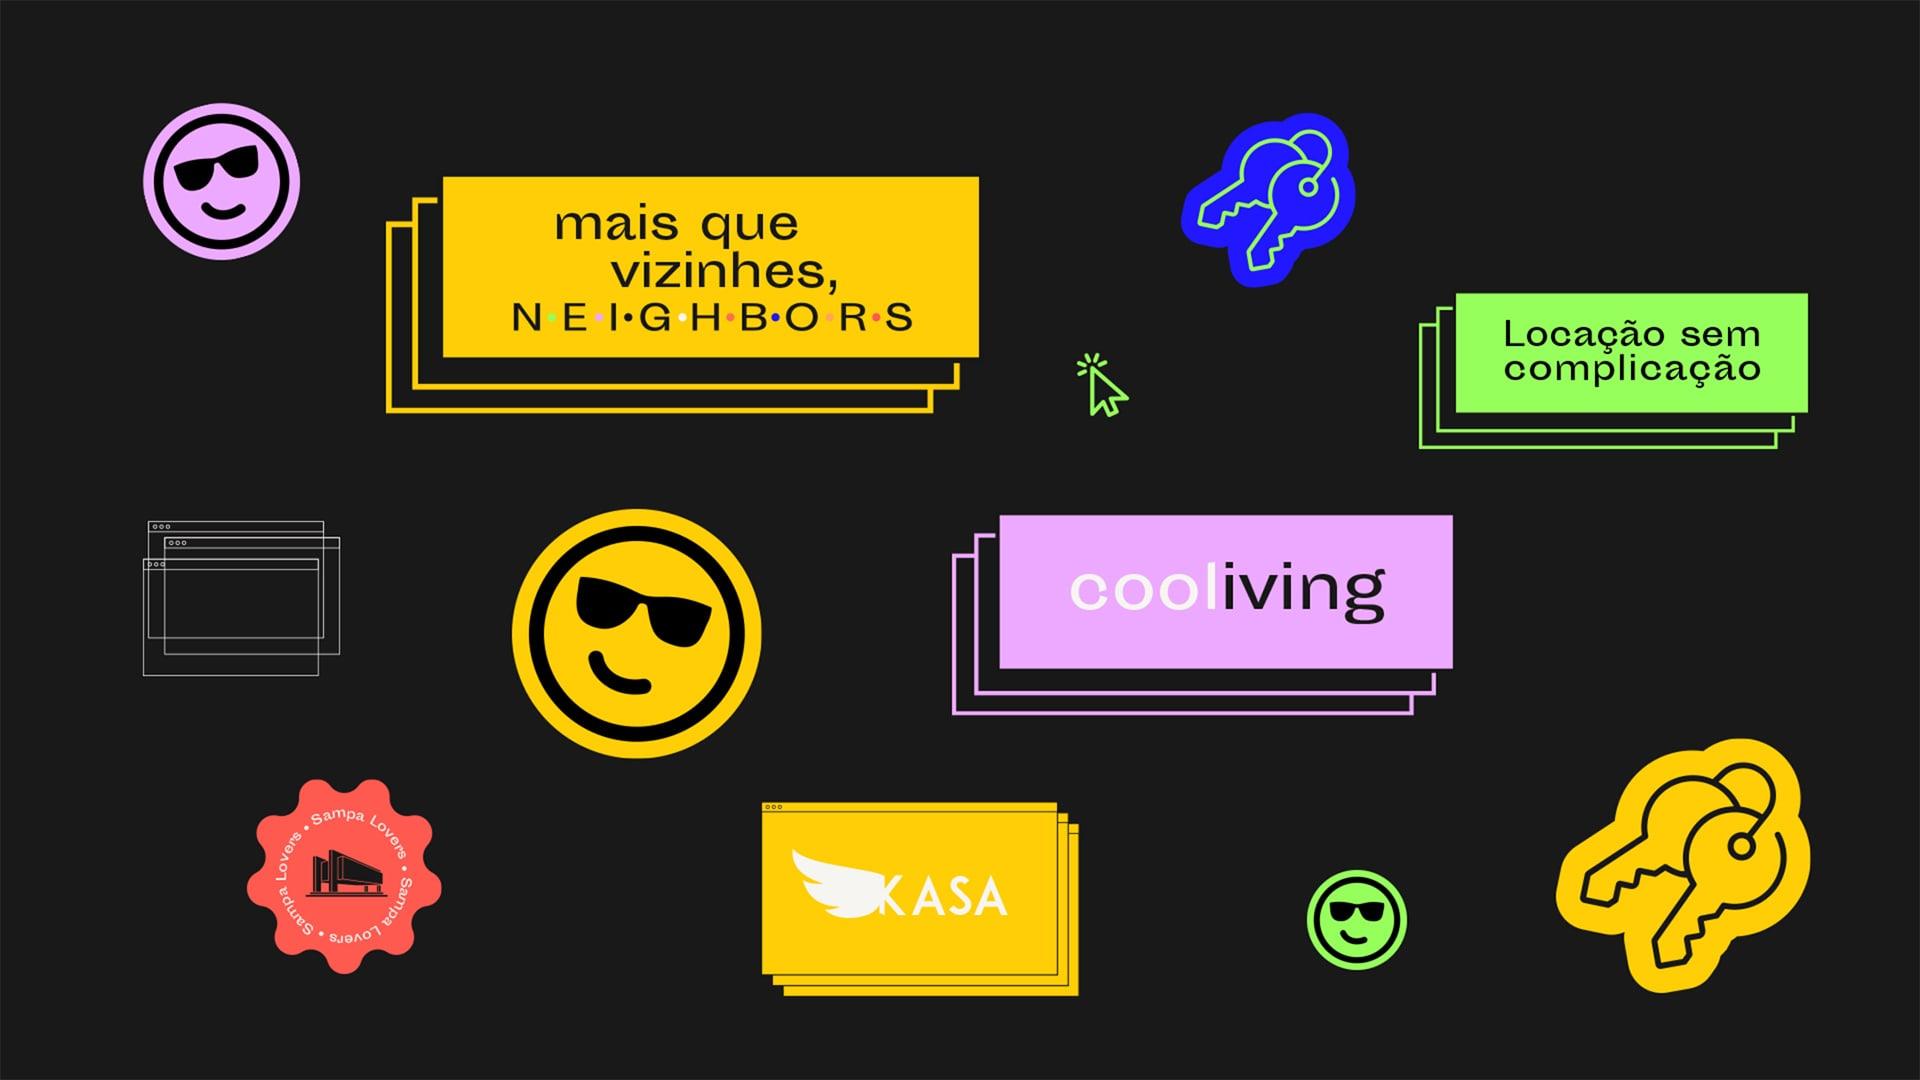 Kasa co-living